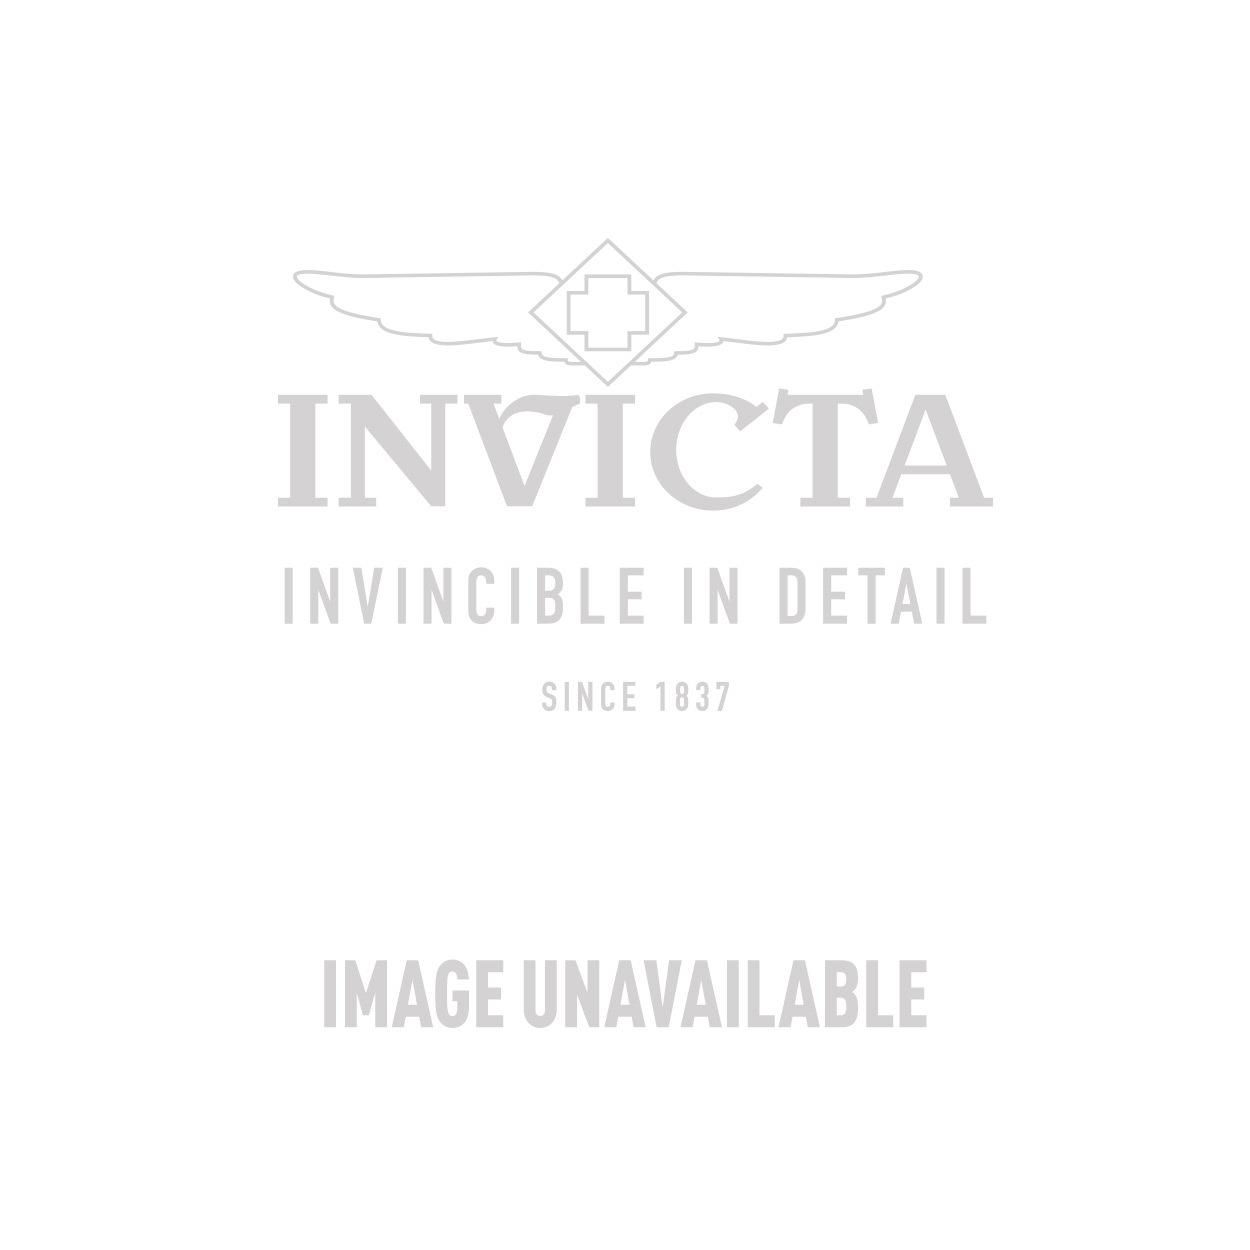 Invicta Model 25104